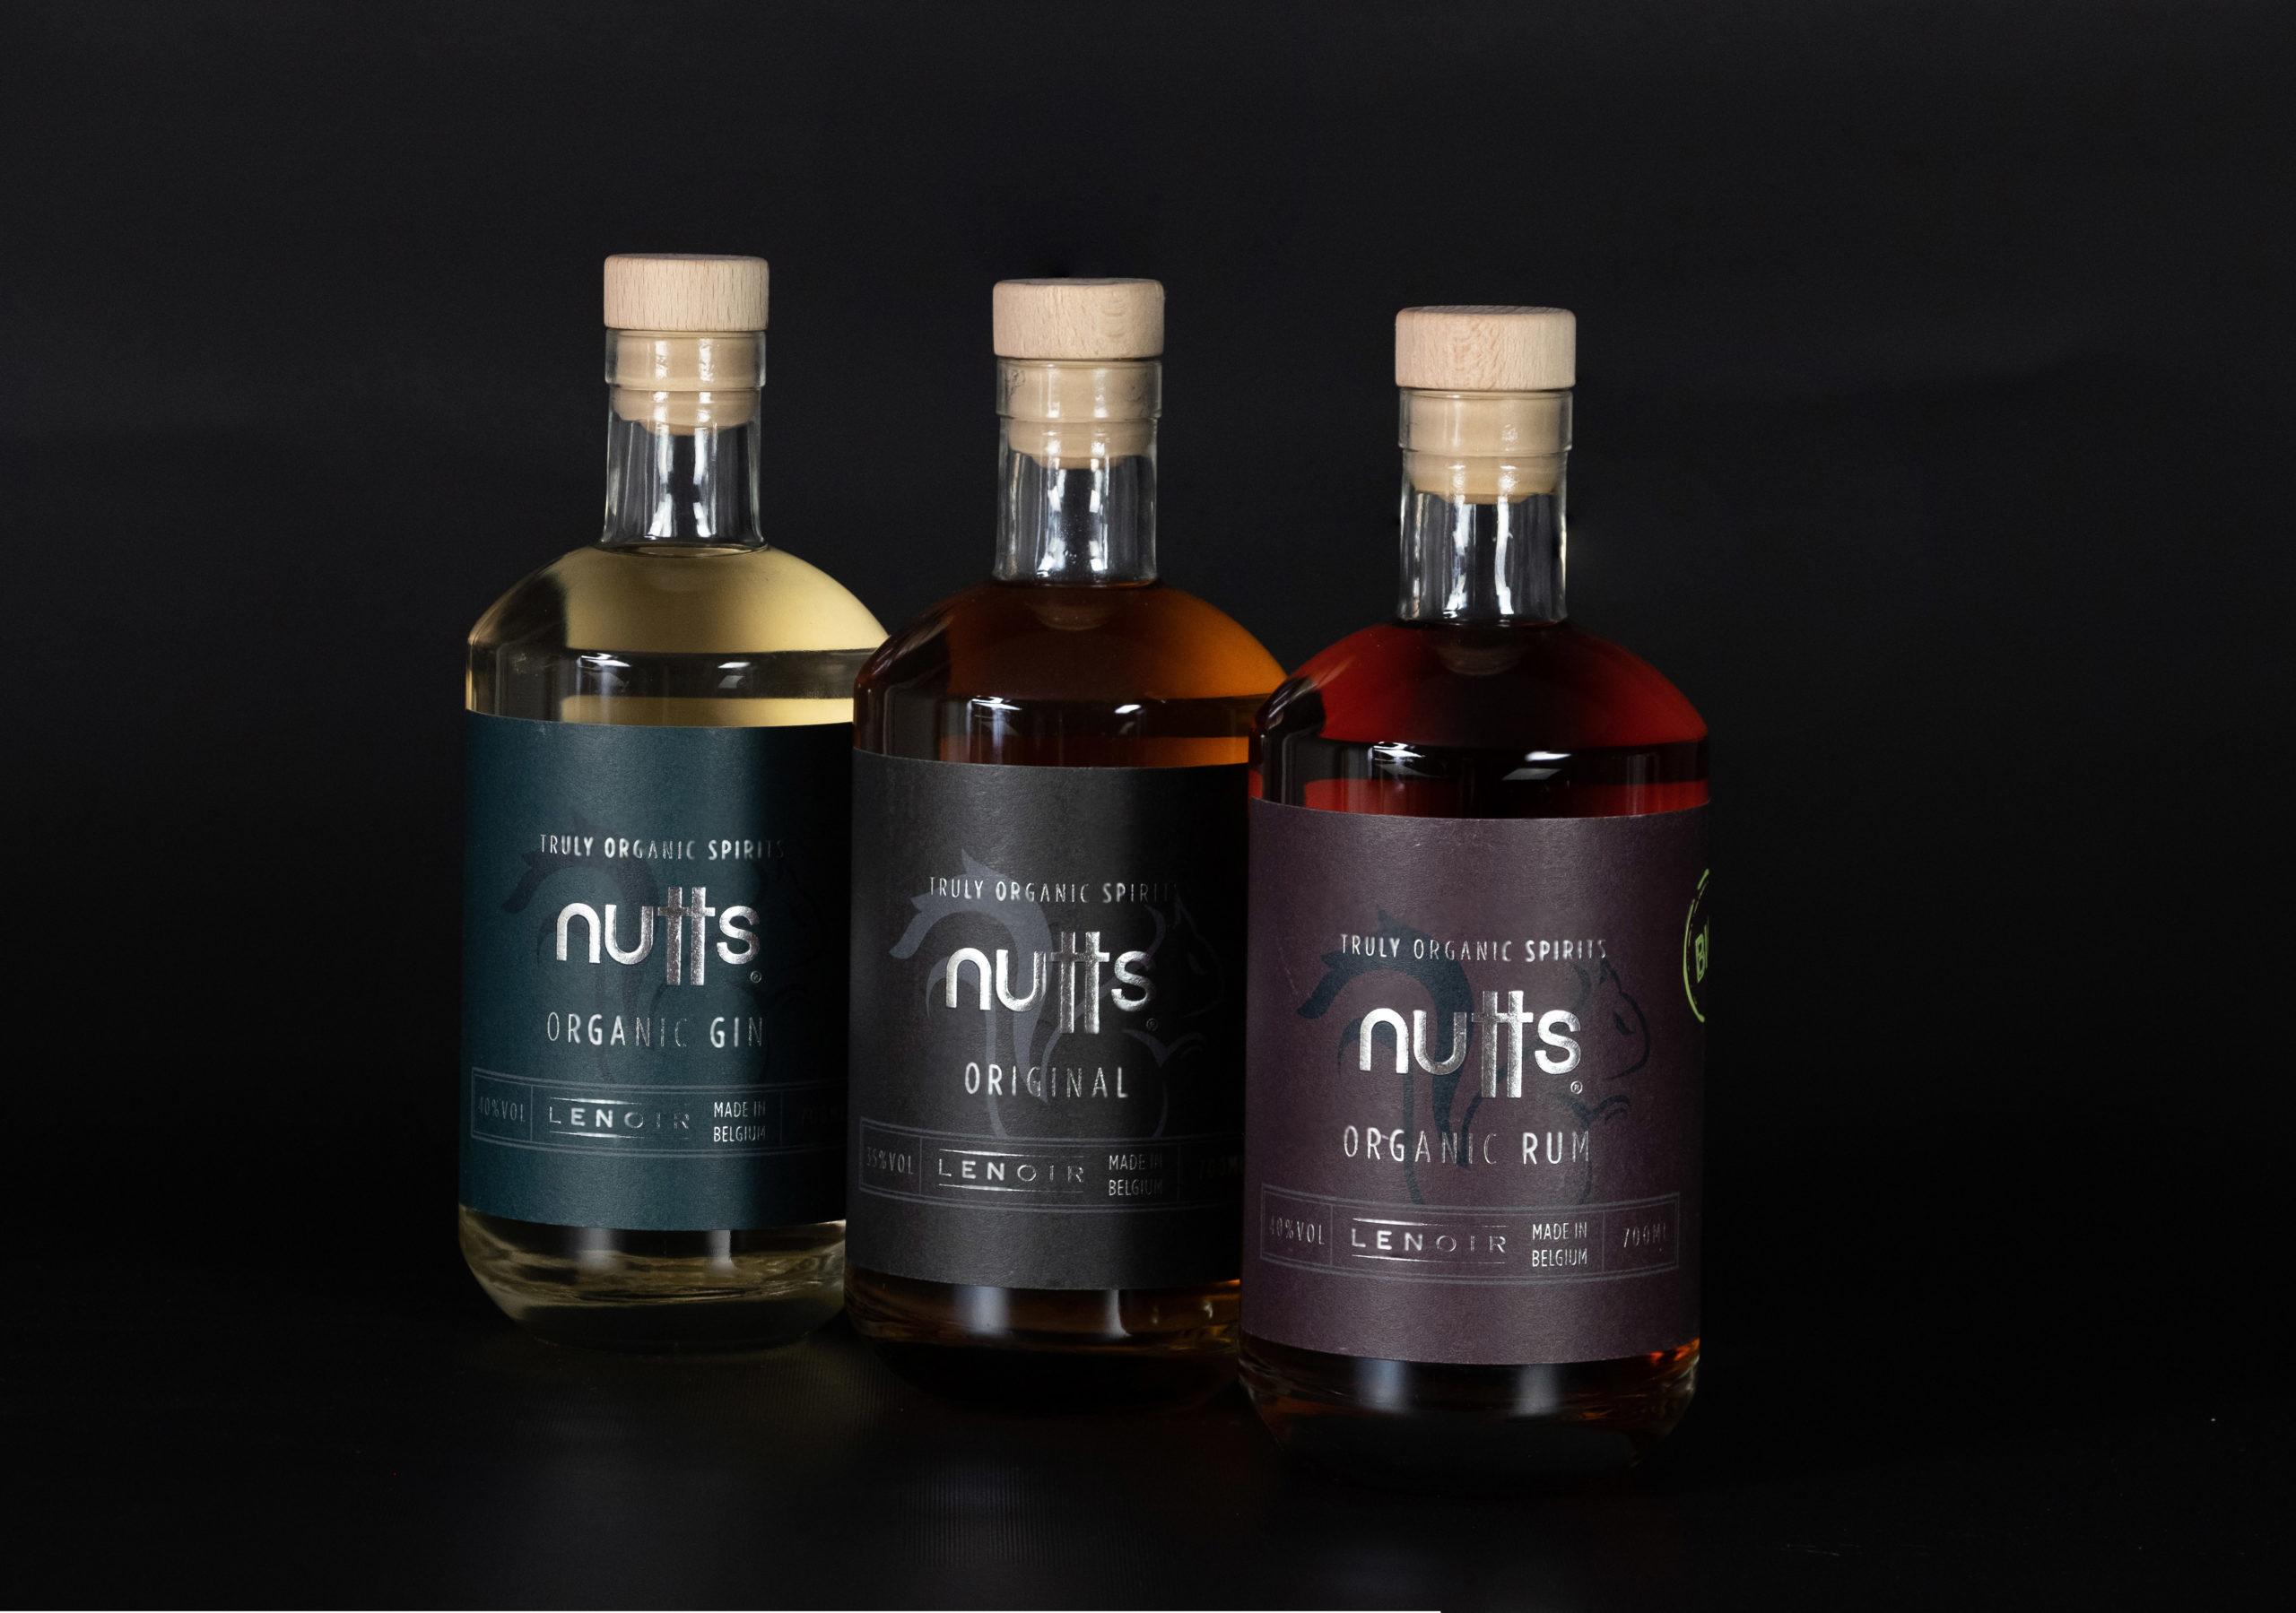 Nutts Original